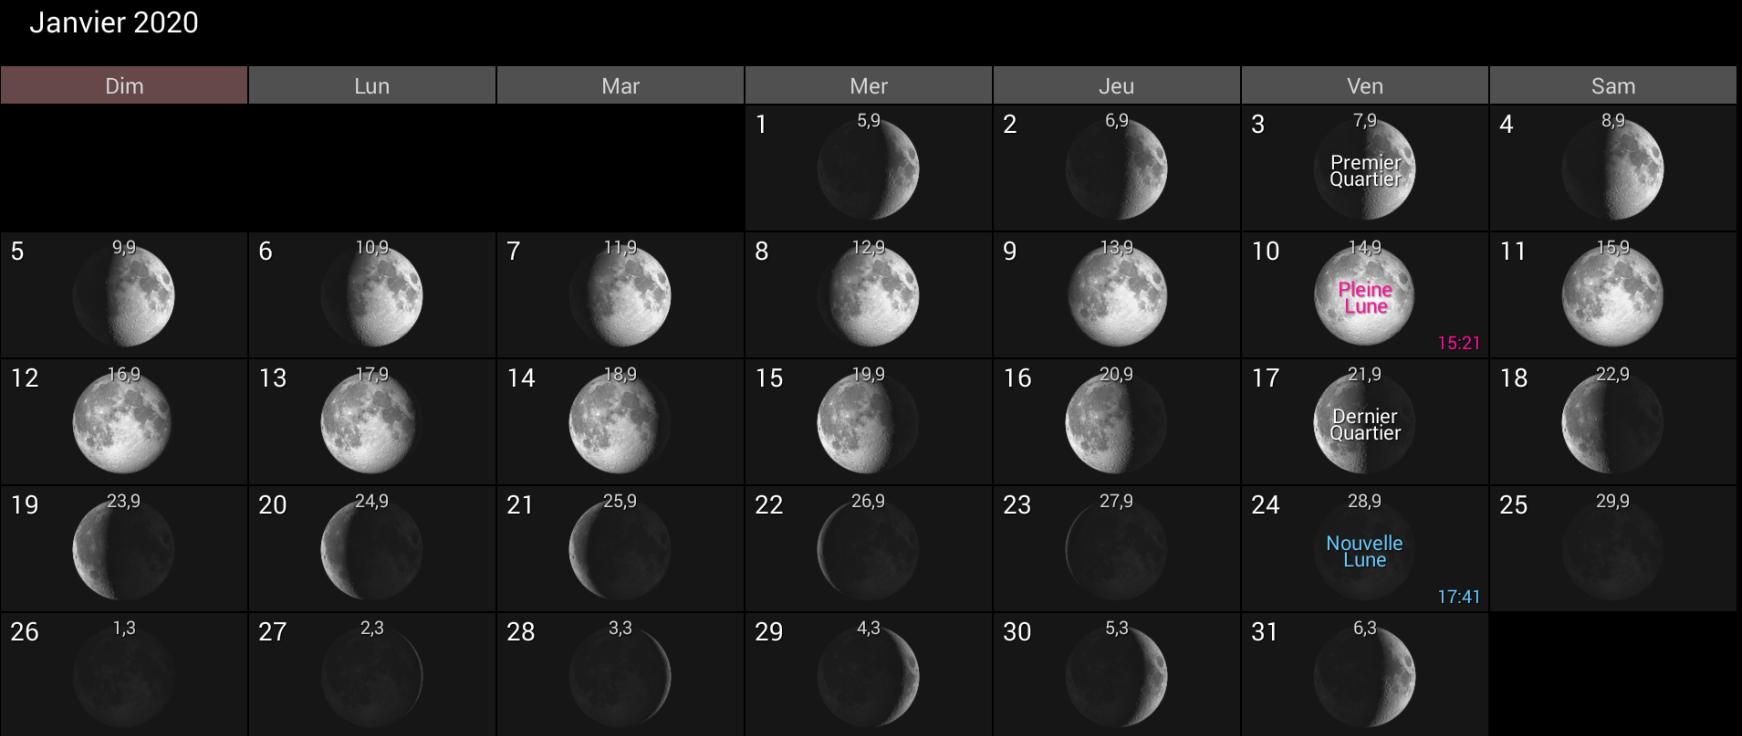 Les phases de la Lune pour Janvier 2020